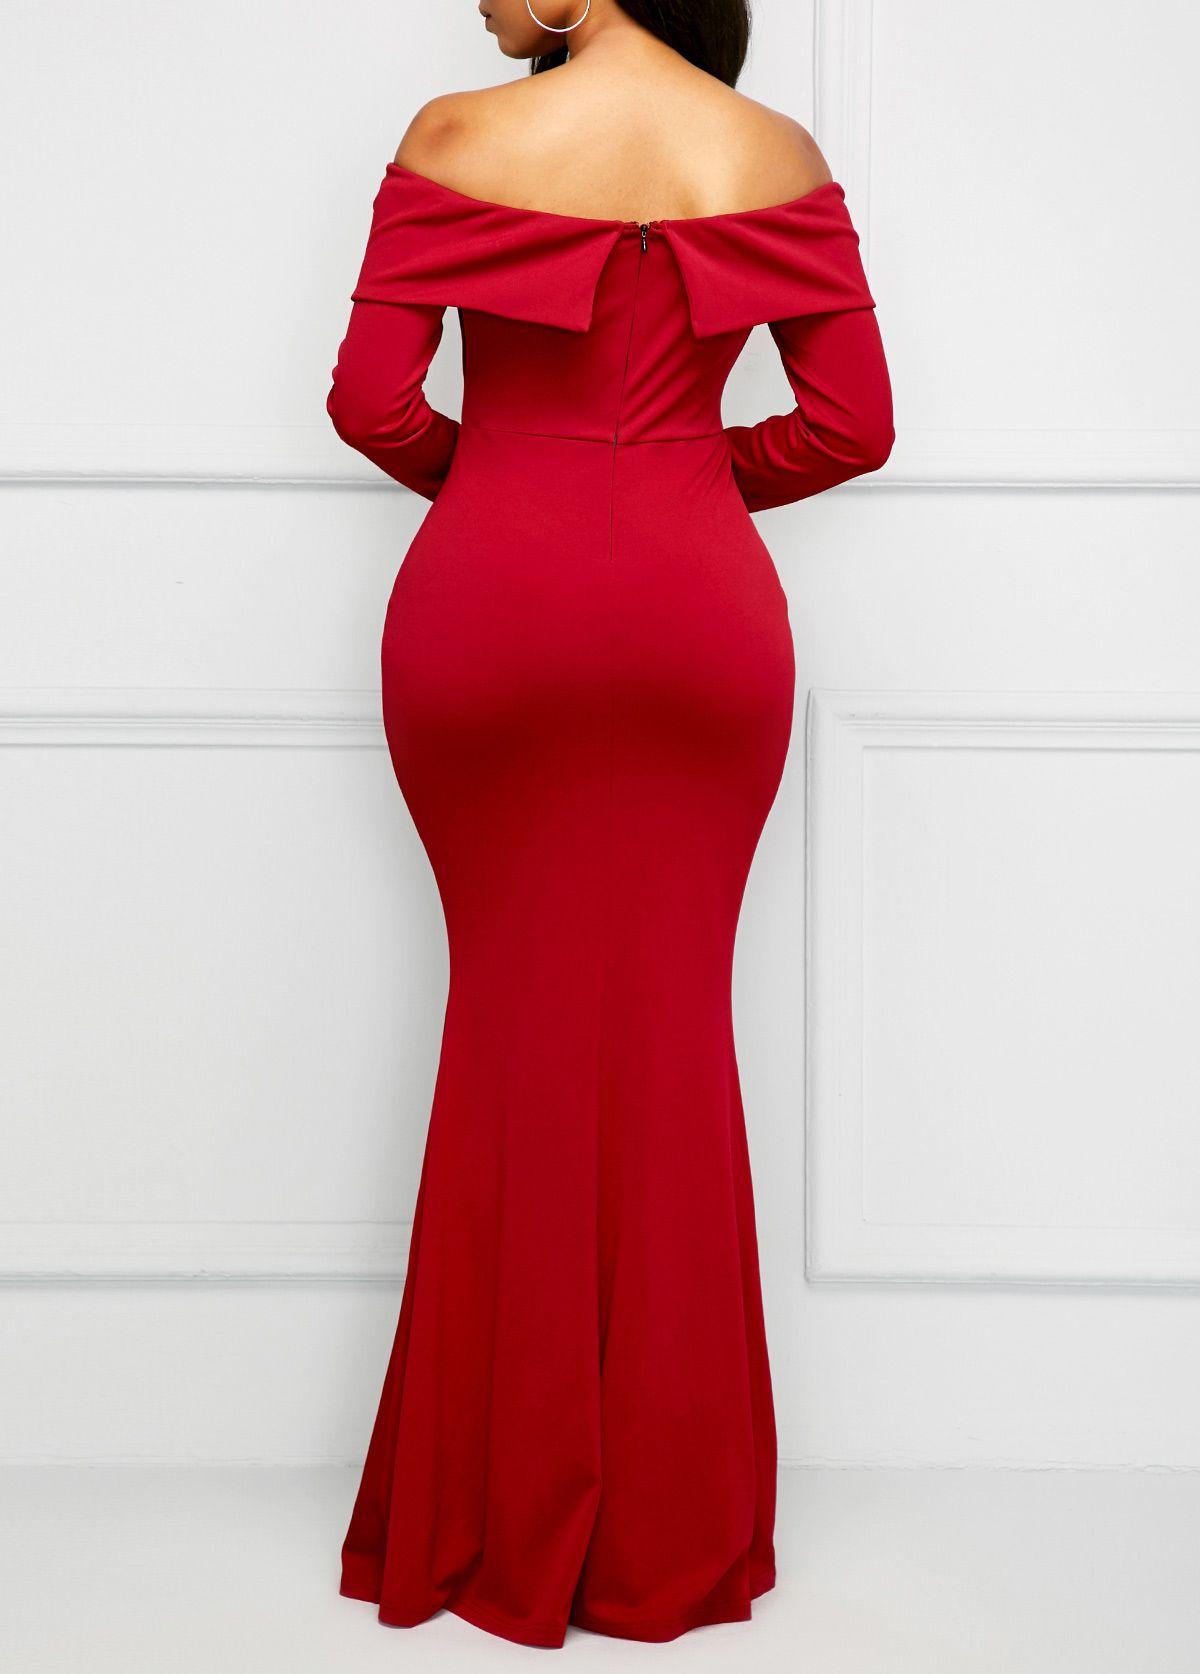 Long sleeve wine red bardot maxi dress usd